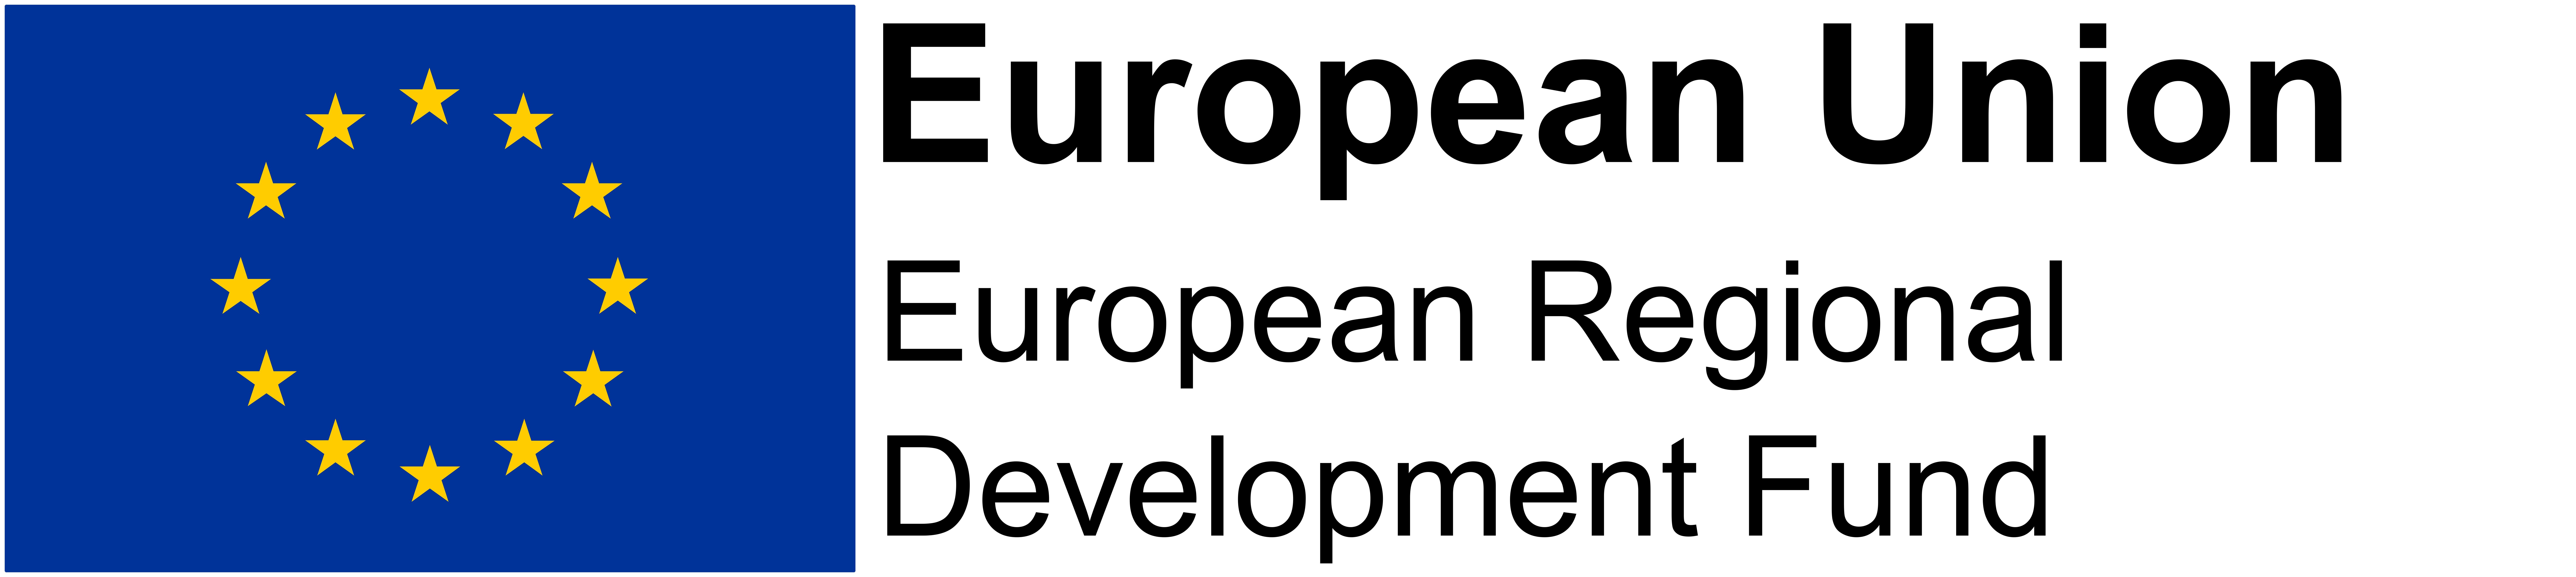 EU ERDF flag logo